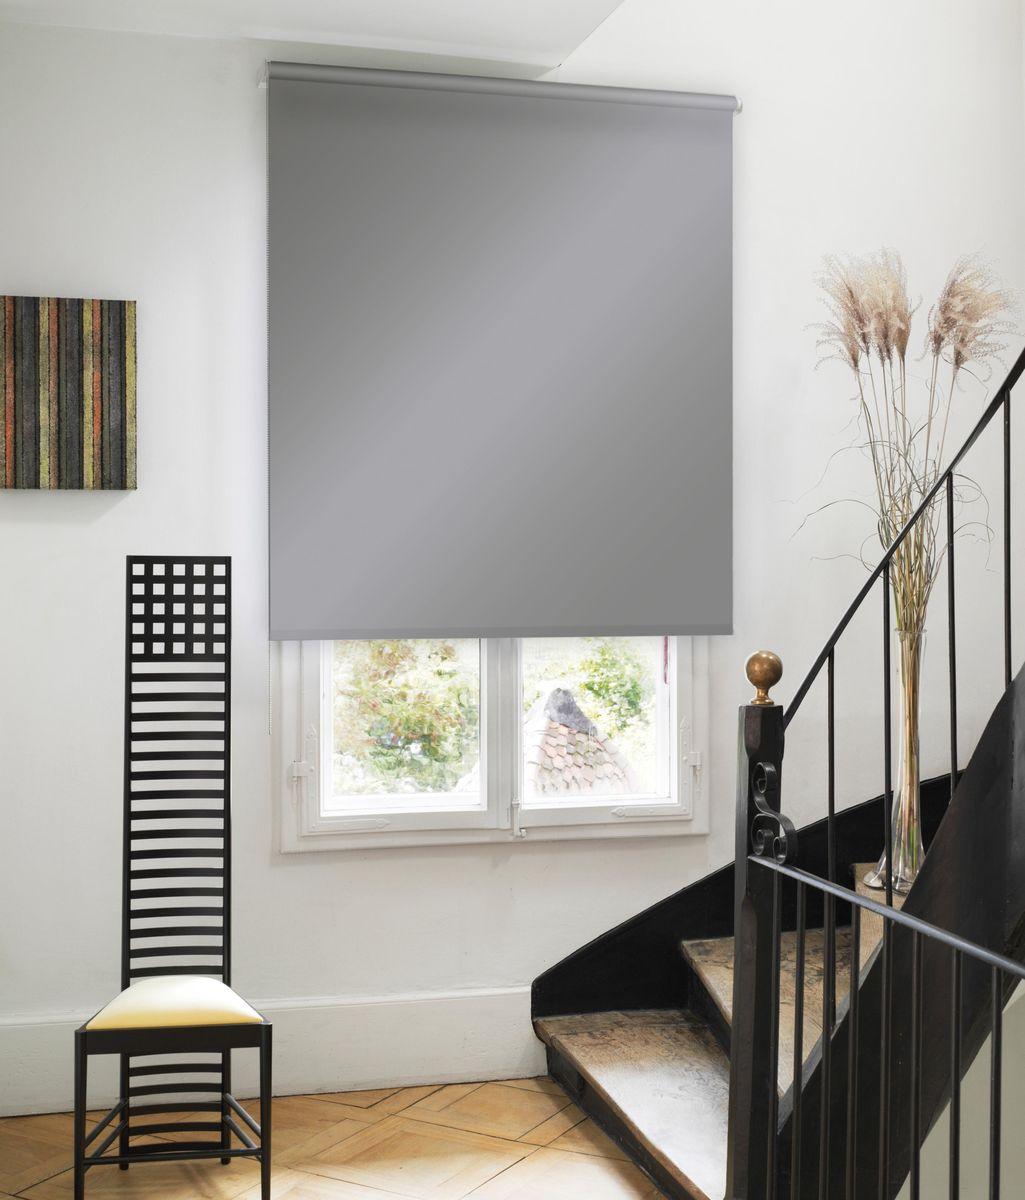 Штора рулонная Эскар, цвет: серый, ширина 120 см, высота 170 см81020120170Рулонными шторами можно оформлять окна как самостоятельно, так и использовать в комбинации с портьерами. Это поможет предотвратить выгорание дорогой ткани на солнце и соединит функционал рулонных с красотой навесных.Преимущества применения рулонных штор для пластиковых окон:- имеют прекрасный внешний вид: многообразие и фактурность материала изделия отлично смотрятся в любом интерьере; - многофункциональны: есть возможность подобрать шторы способные эффективно защитить комнату от солнца, при этом о на не будет слишком темной. - Есть возможность осуществить быстрый монтаж. ВНИМАНИЕ! Размеры ширины изделия указаны по ширине ткани!Во время эксплуатации не рекомендуется полностью разматывать рулон, чтобы не оторвать ткань от намоточного вала.В случае загрязнения поверхности ткани, чистку шторы проводят одним из способов, в зависимости от типа загрязнения: легкое поверхностное загрязнение можно удалить при помощи канцелярского ластика; чистка от пыли производится сухим методом при помощи пылесоса с мягкой щеткой-насадкой; для удаления пятна используйте мягкую губку с пенообразующим неагрессивным моющим средством или пятновыводитель на натуральной основе (нельзя применять растворители).